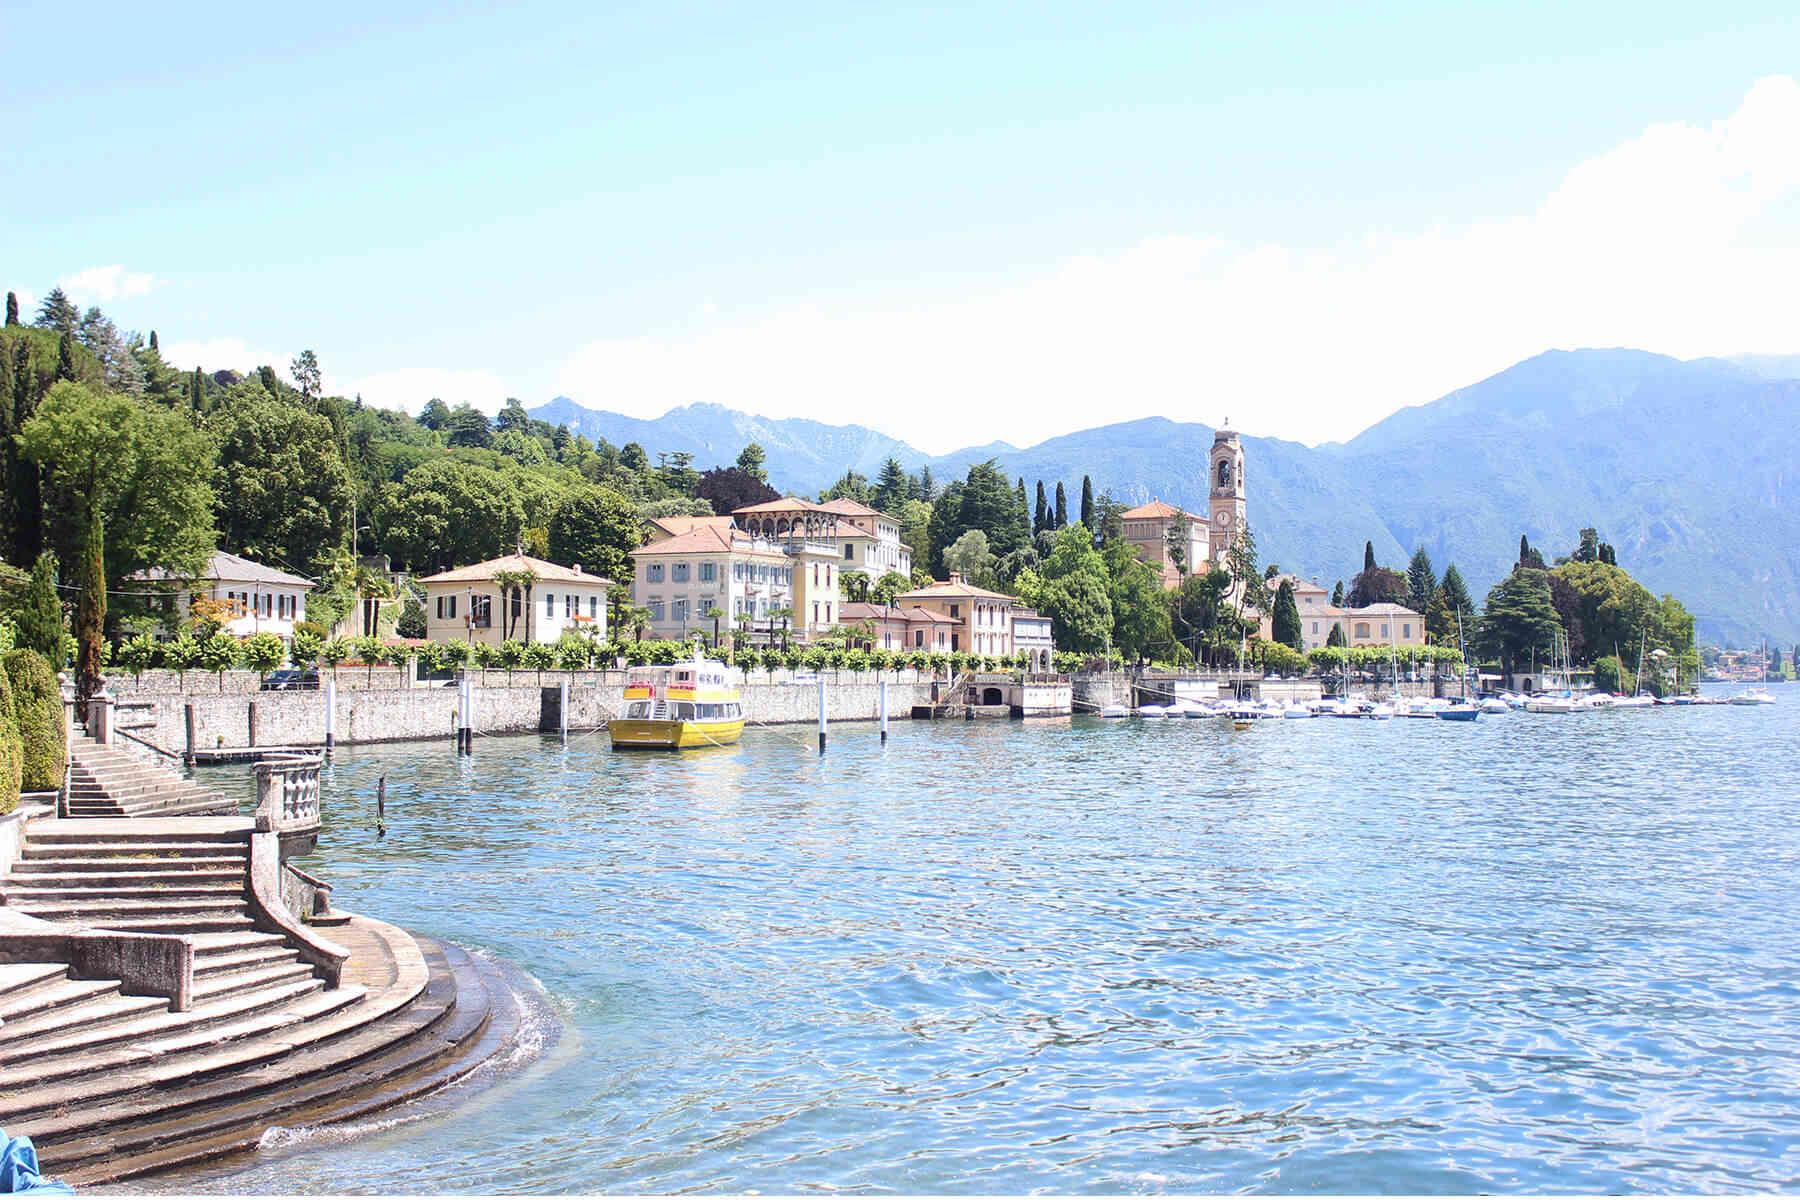 تور دور ایتالیا در 10 روز